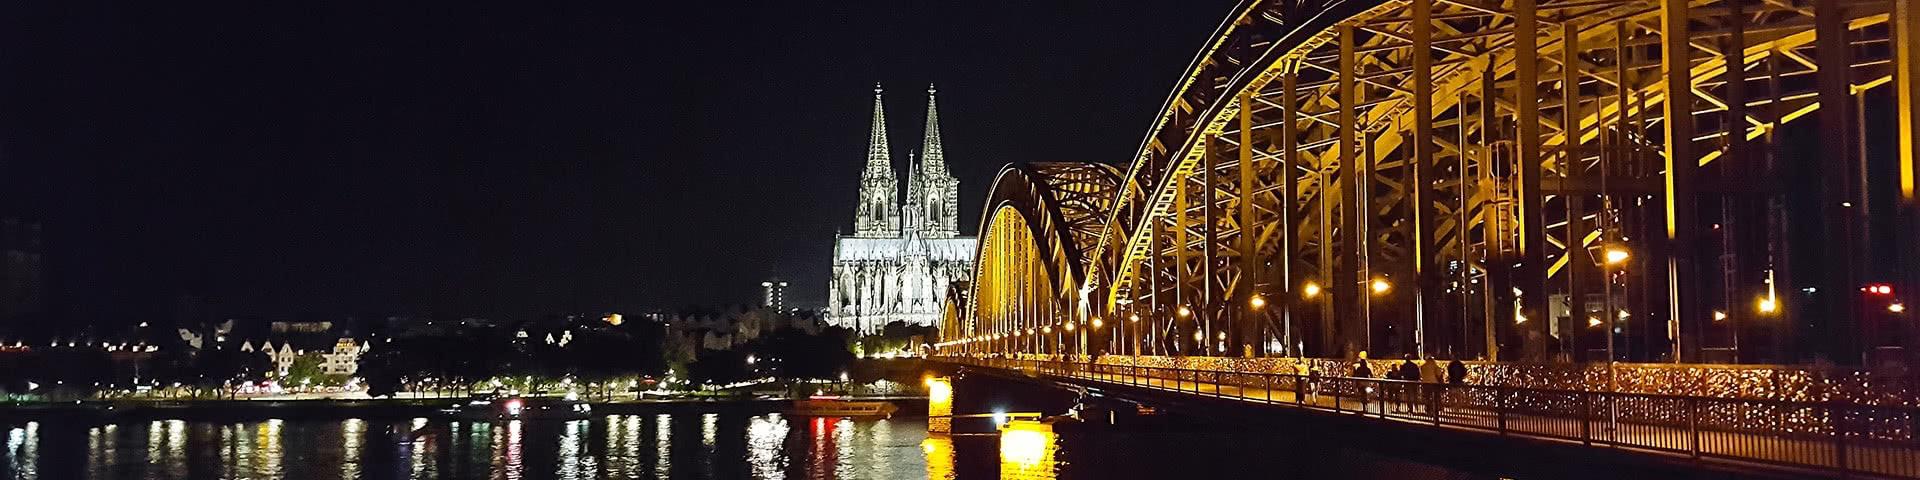 Panoramablick auf die Altstadt von Köln bei Dunkelheit